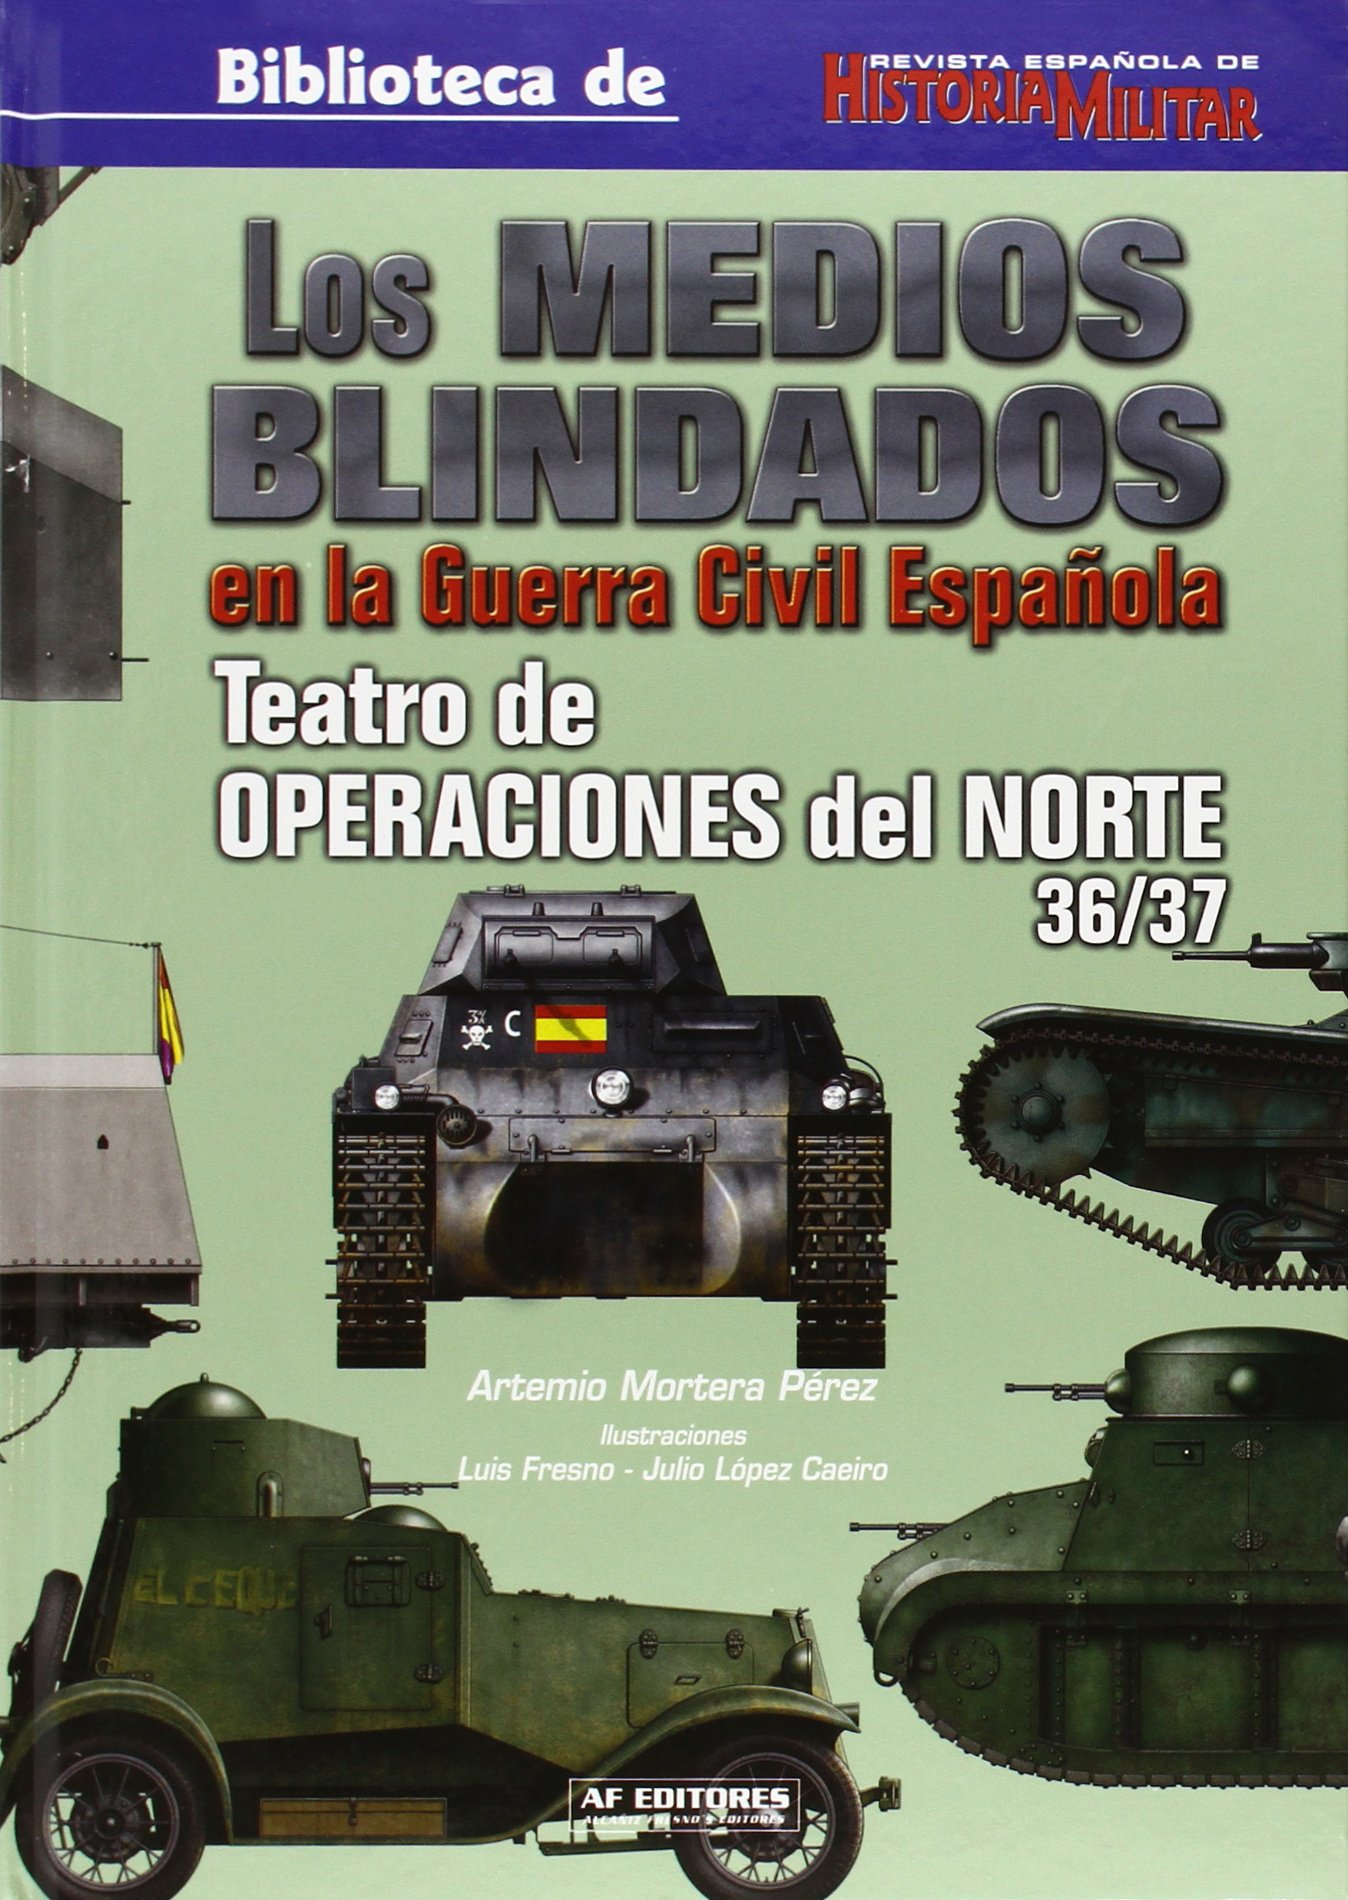 Medios blindados en la Guerra civil española, los Historia Militar: Amazon.es: Mortera Perez, Artemio: Libros